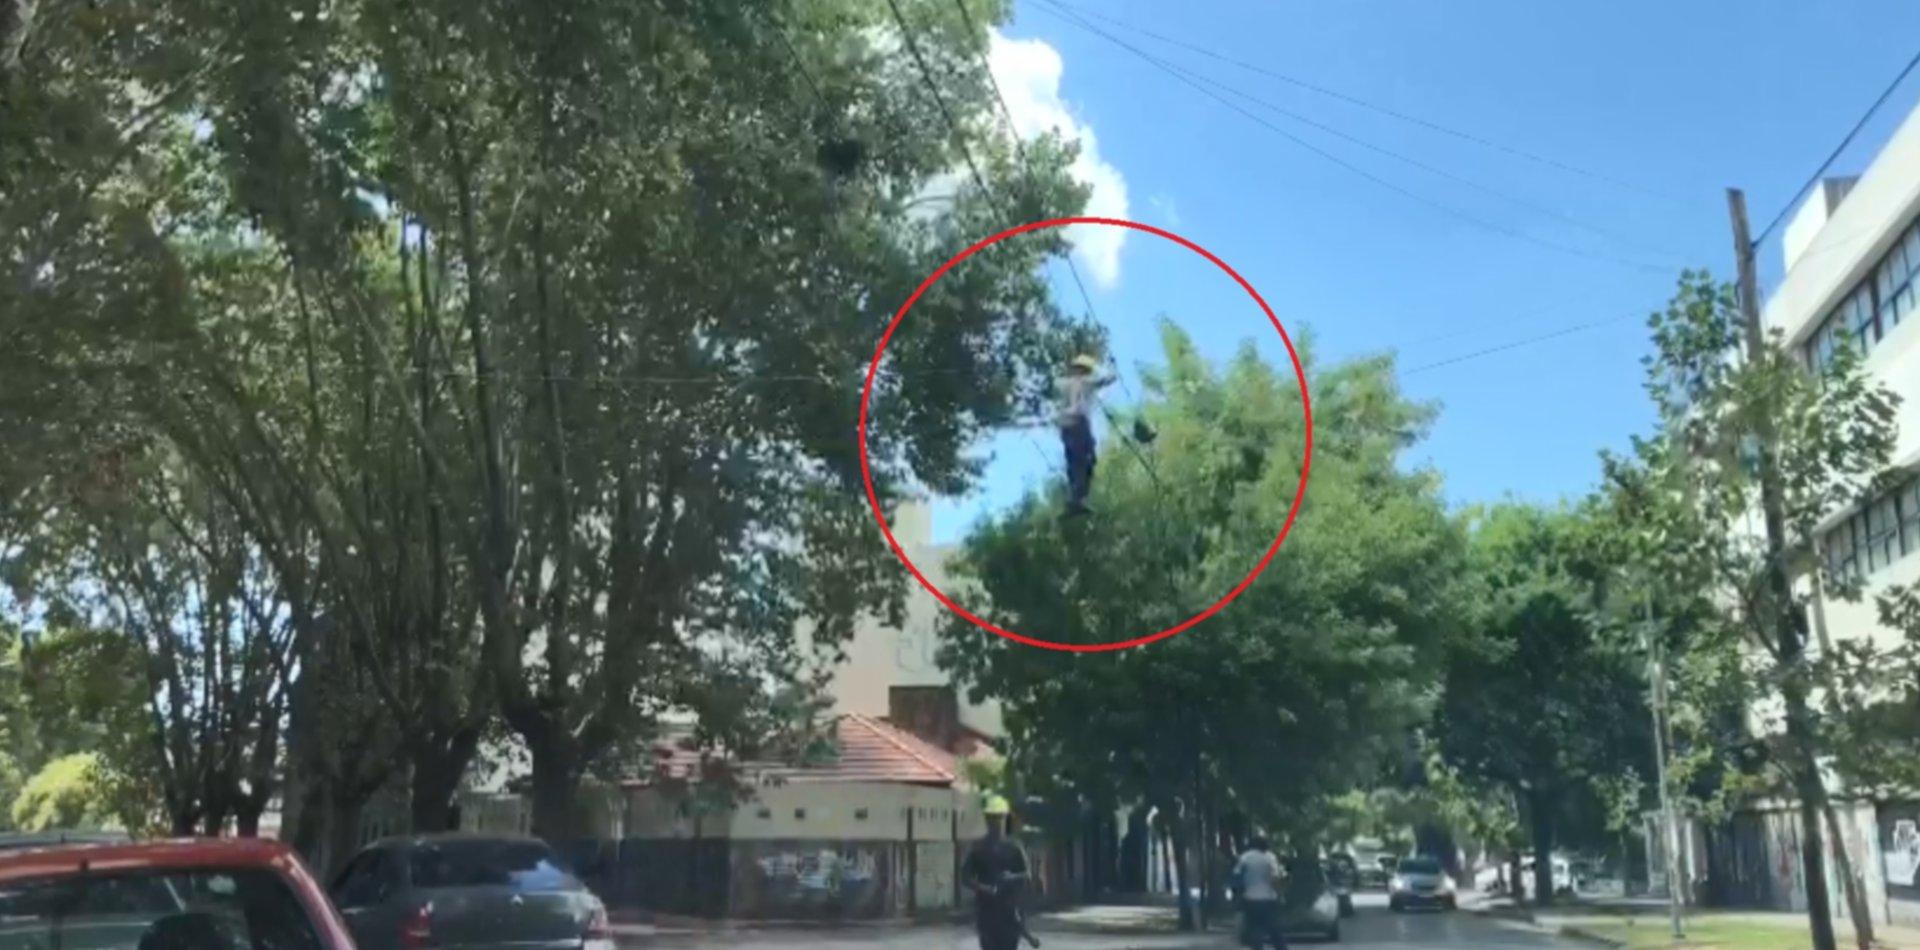 VIDEO: Un operario cruzó de una esquina a otra haciendo equilibrio sobre un cable